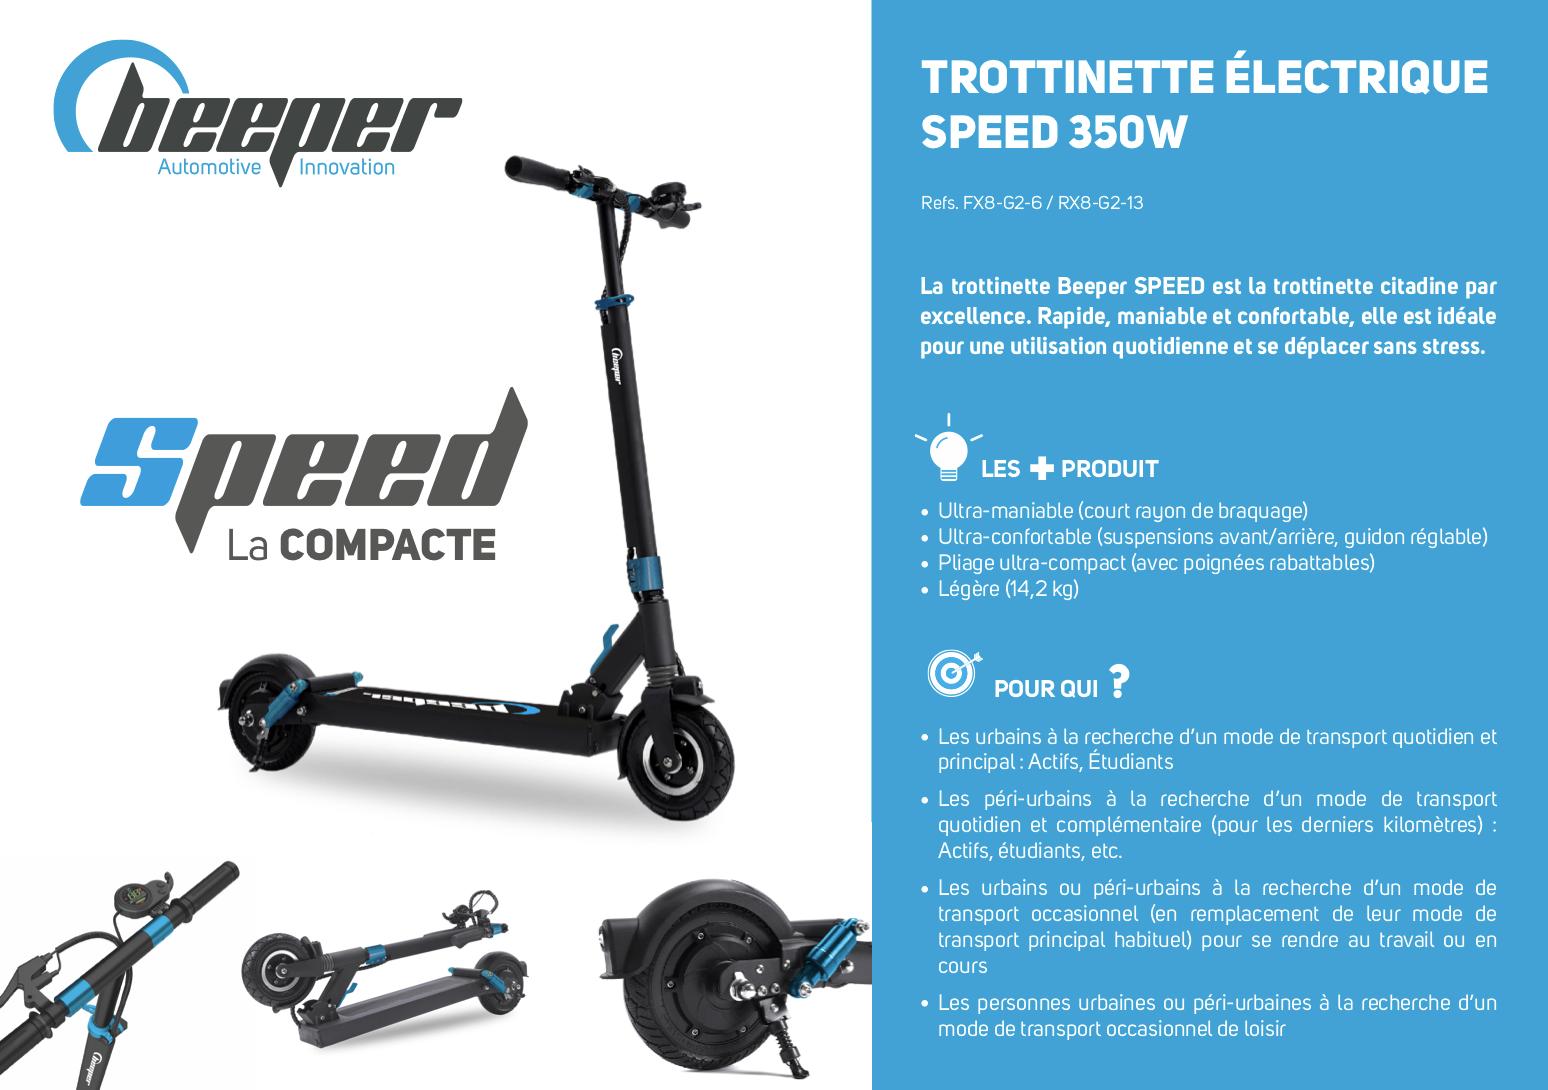 Trottinette électrique Beeper SPEED G2 - Fiche produit 6 Ah